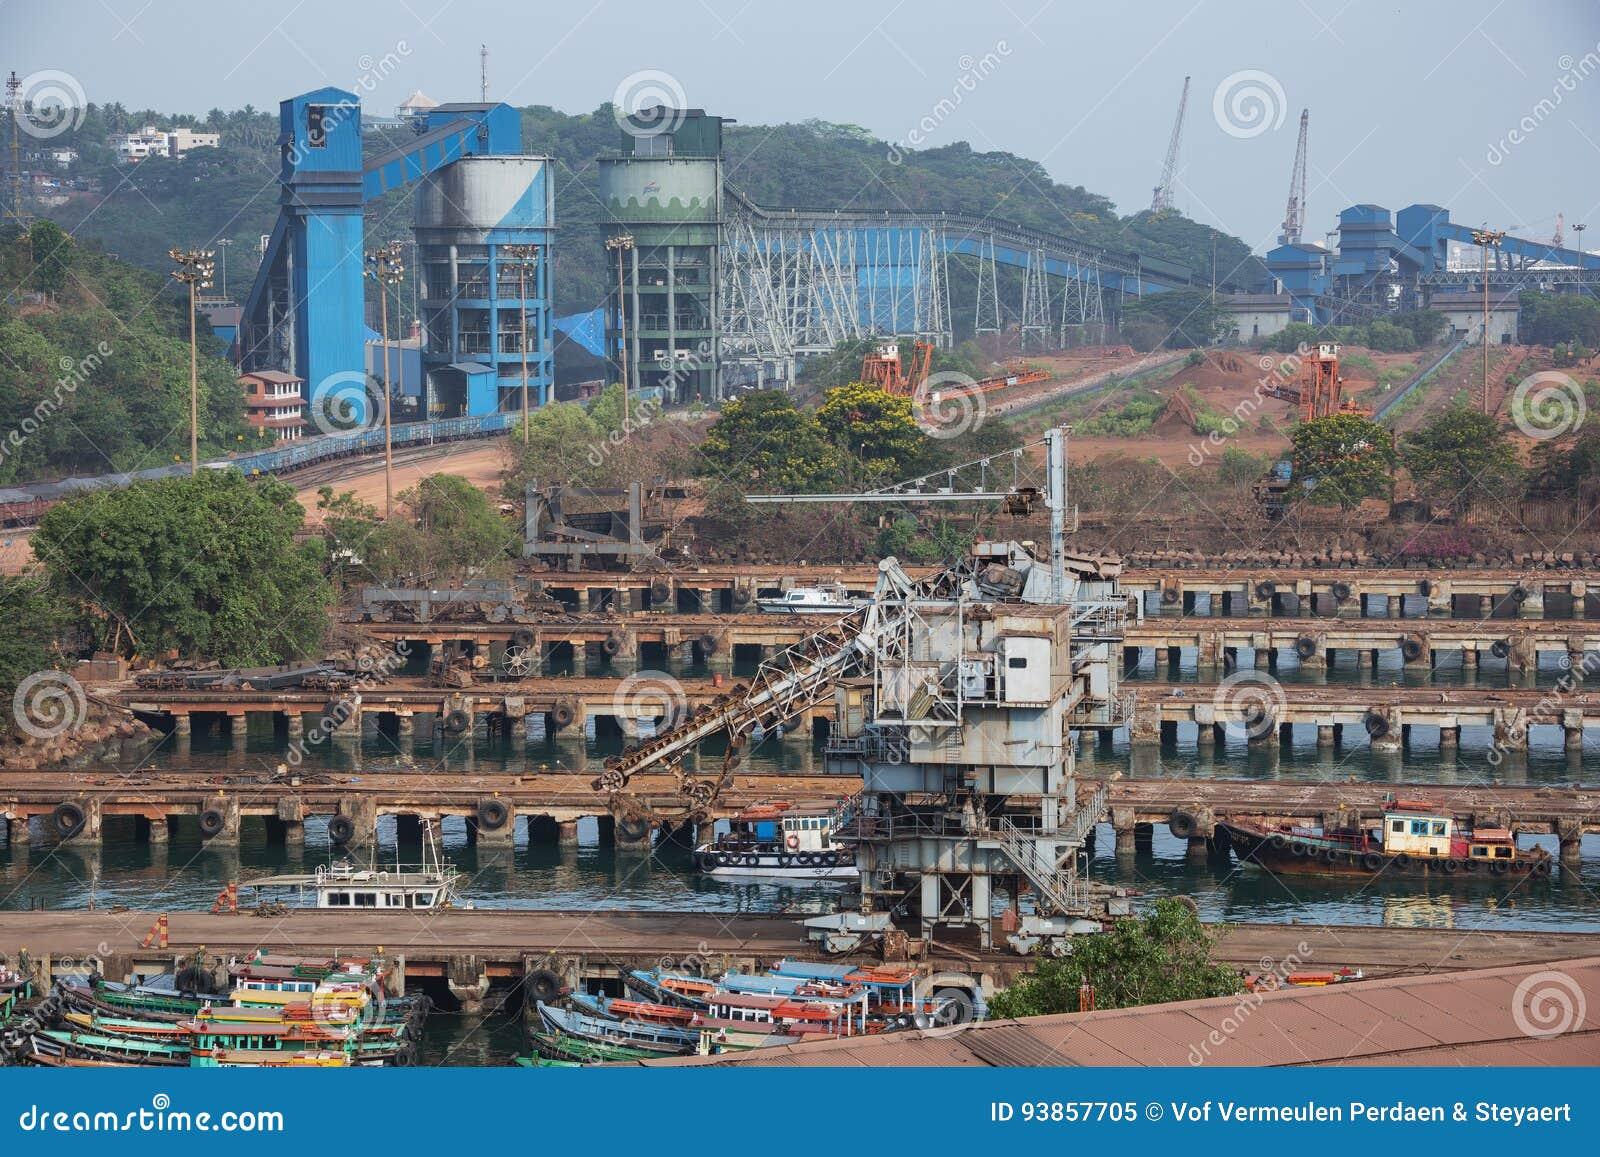 Hafenanlagen mit Güterzug